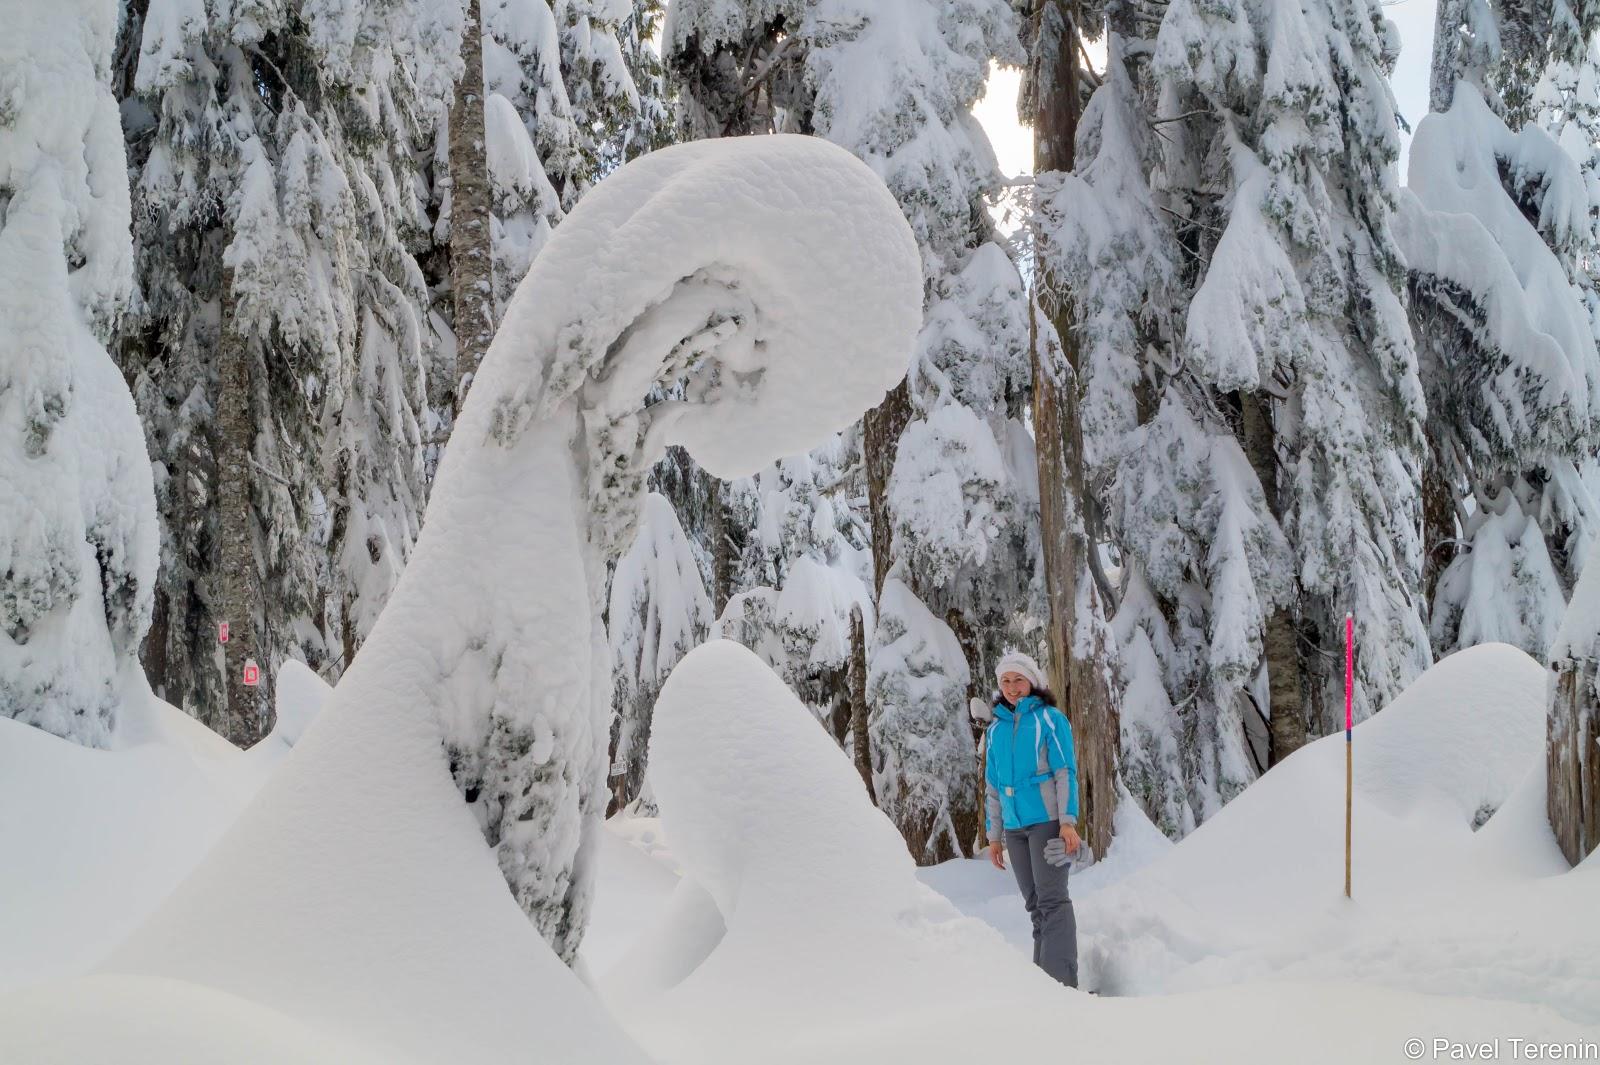 На горе выпало метра три снега. Некоторые деревья на две трти находятся пос снегом.